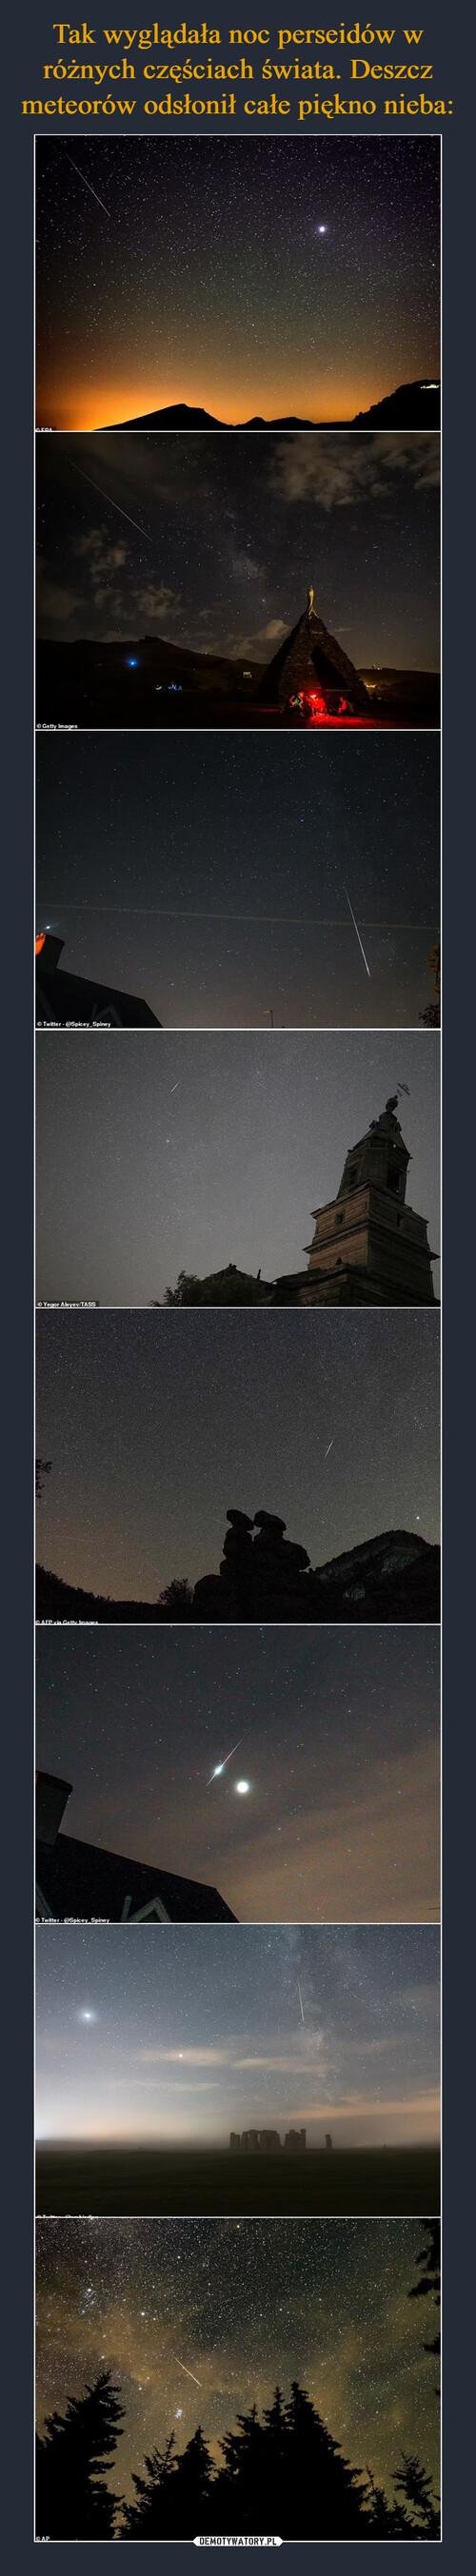 Tak wyglądała noc perseidów w różnych częściach świata. Deszcz meteorów odsłonił całe piękno nieba: